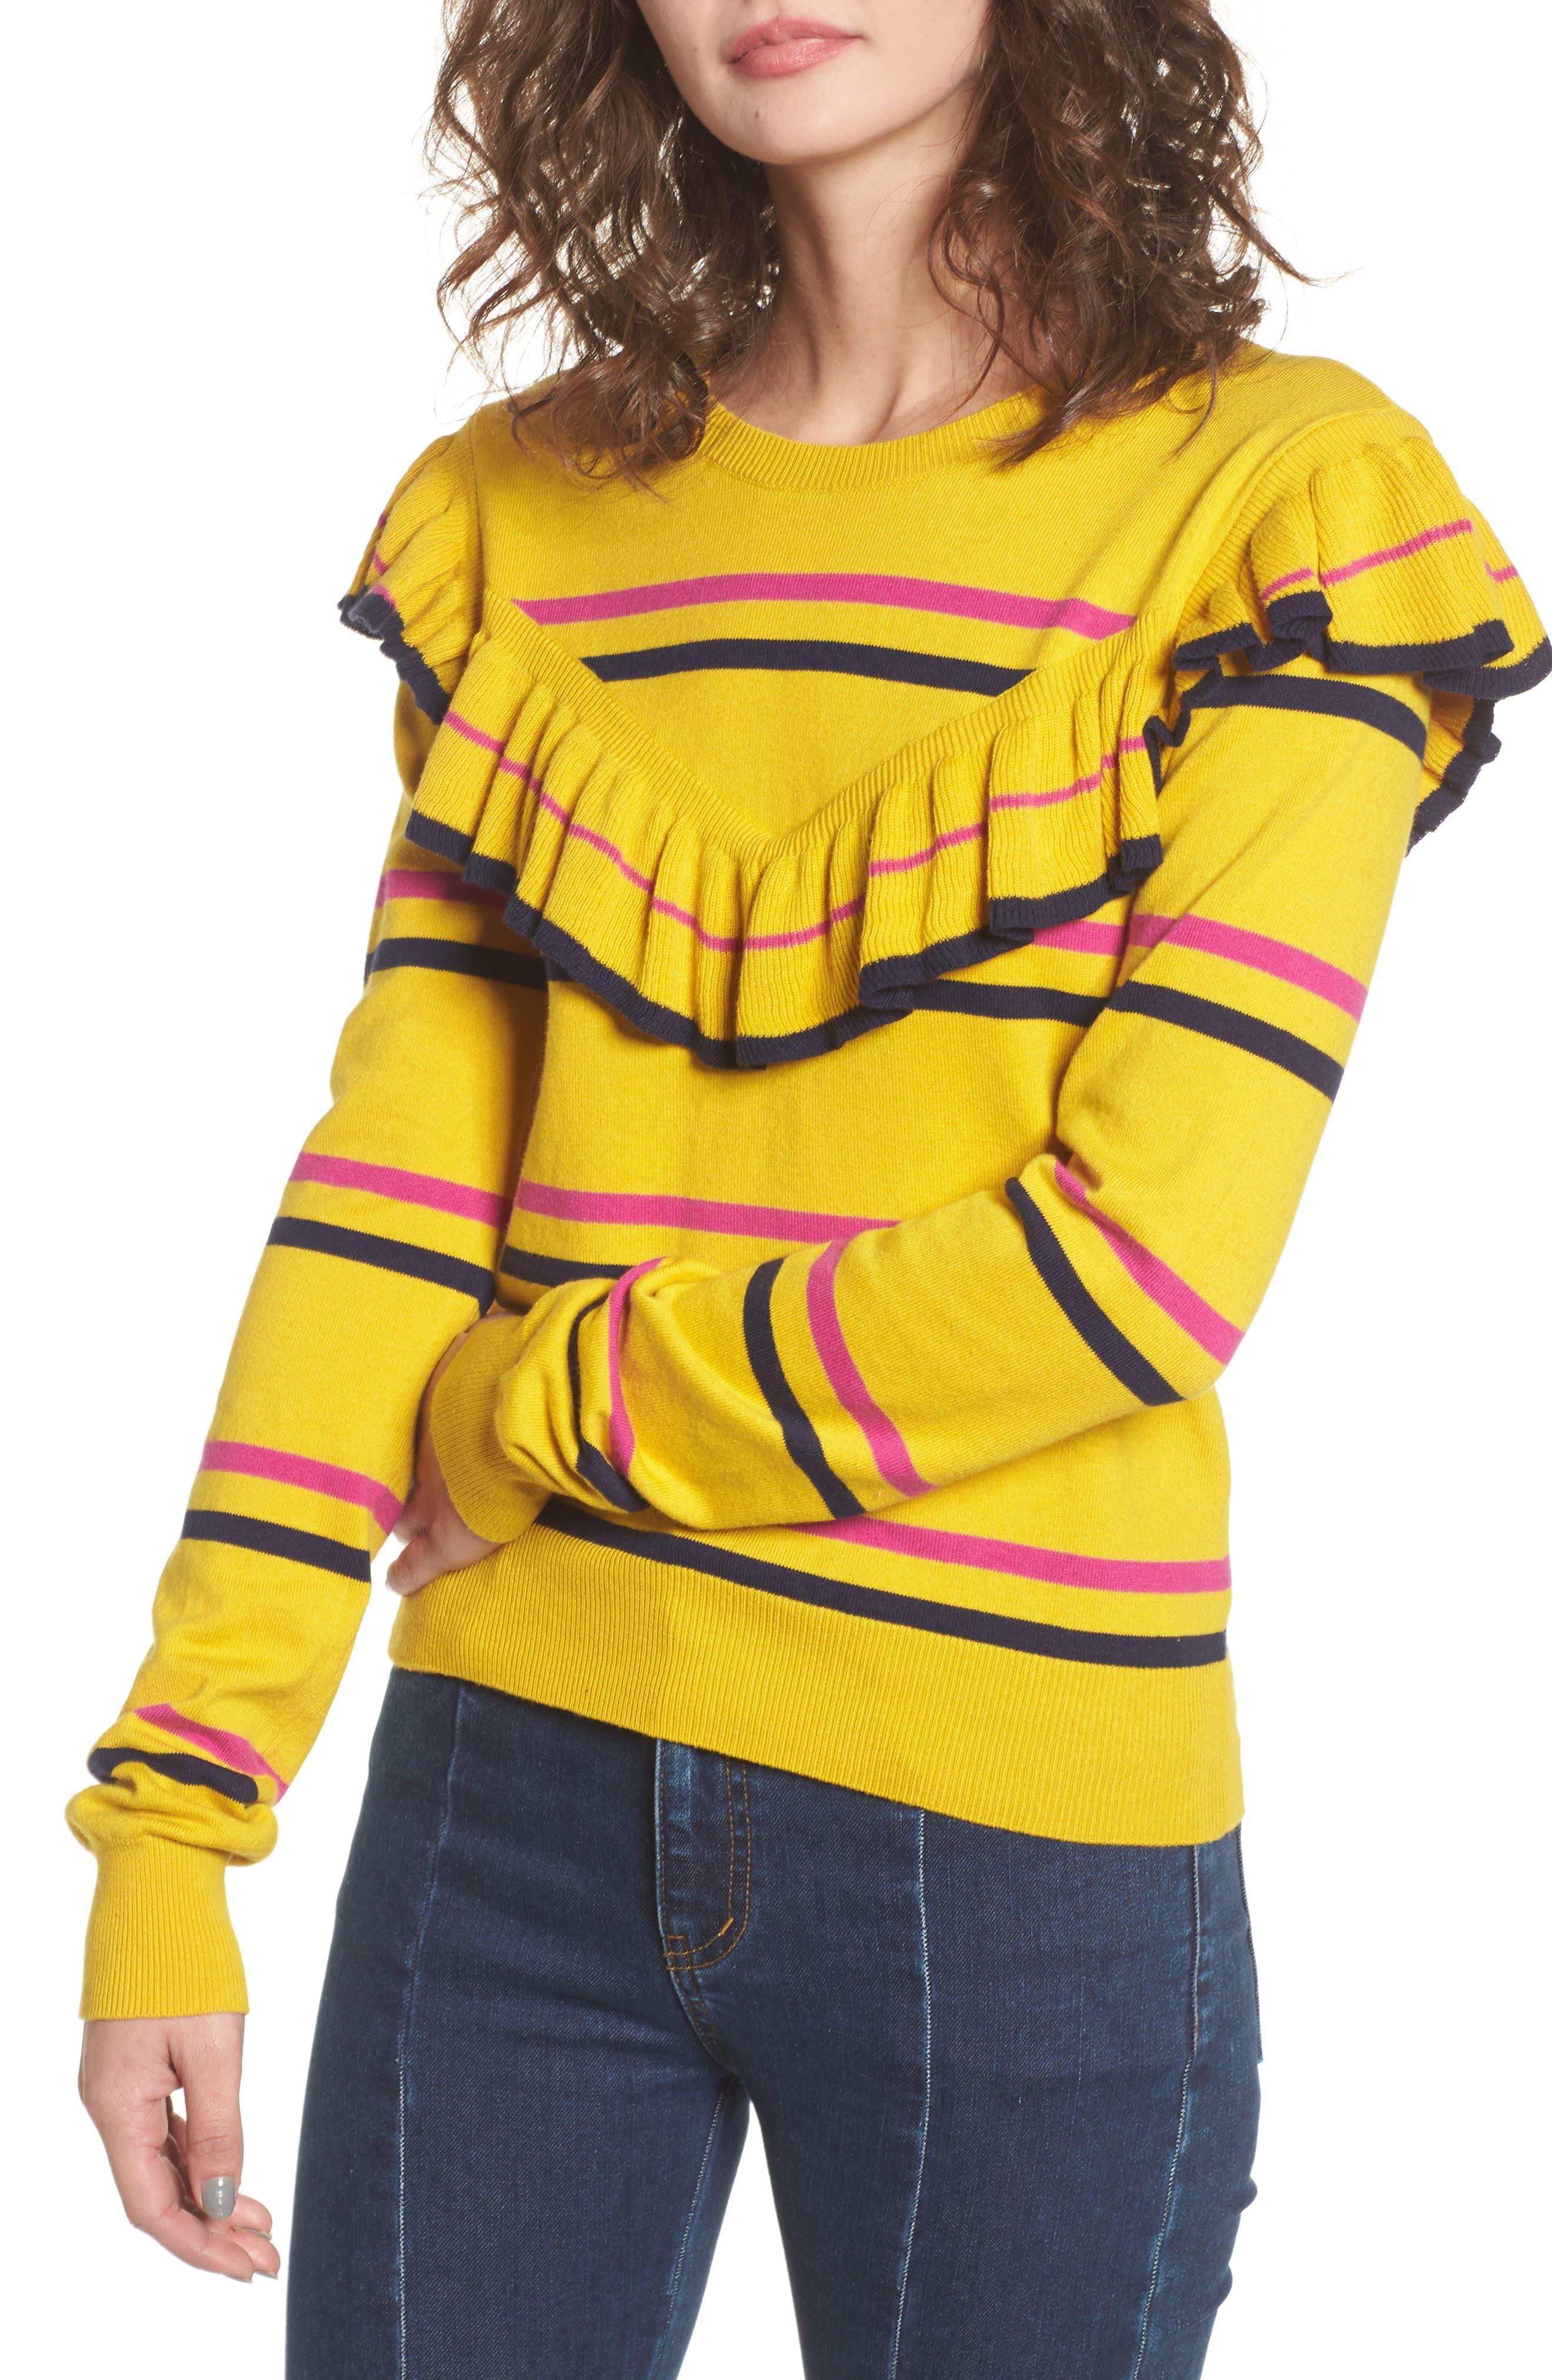 Ruffle Yoke Sweater,                             Main thumbnail 1, color,                             720